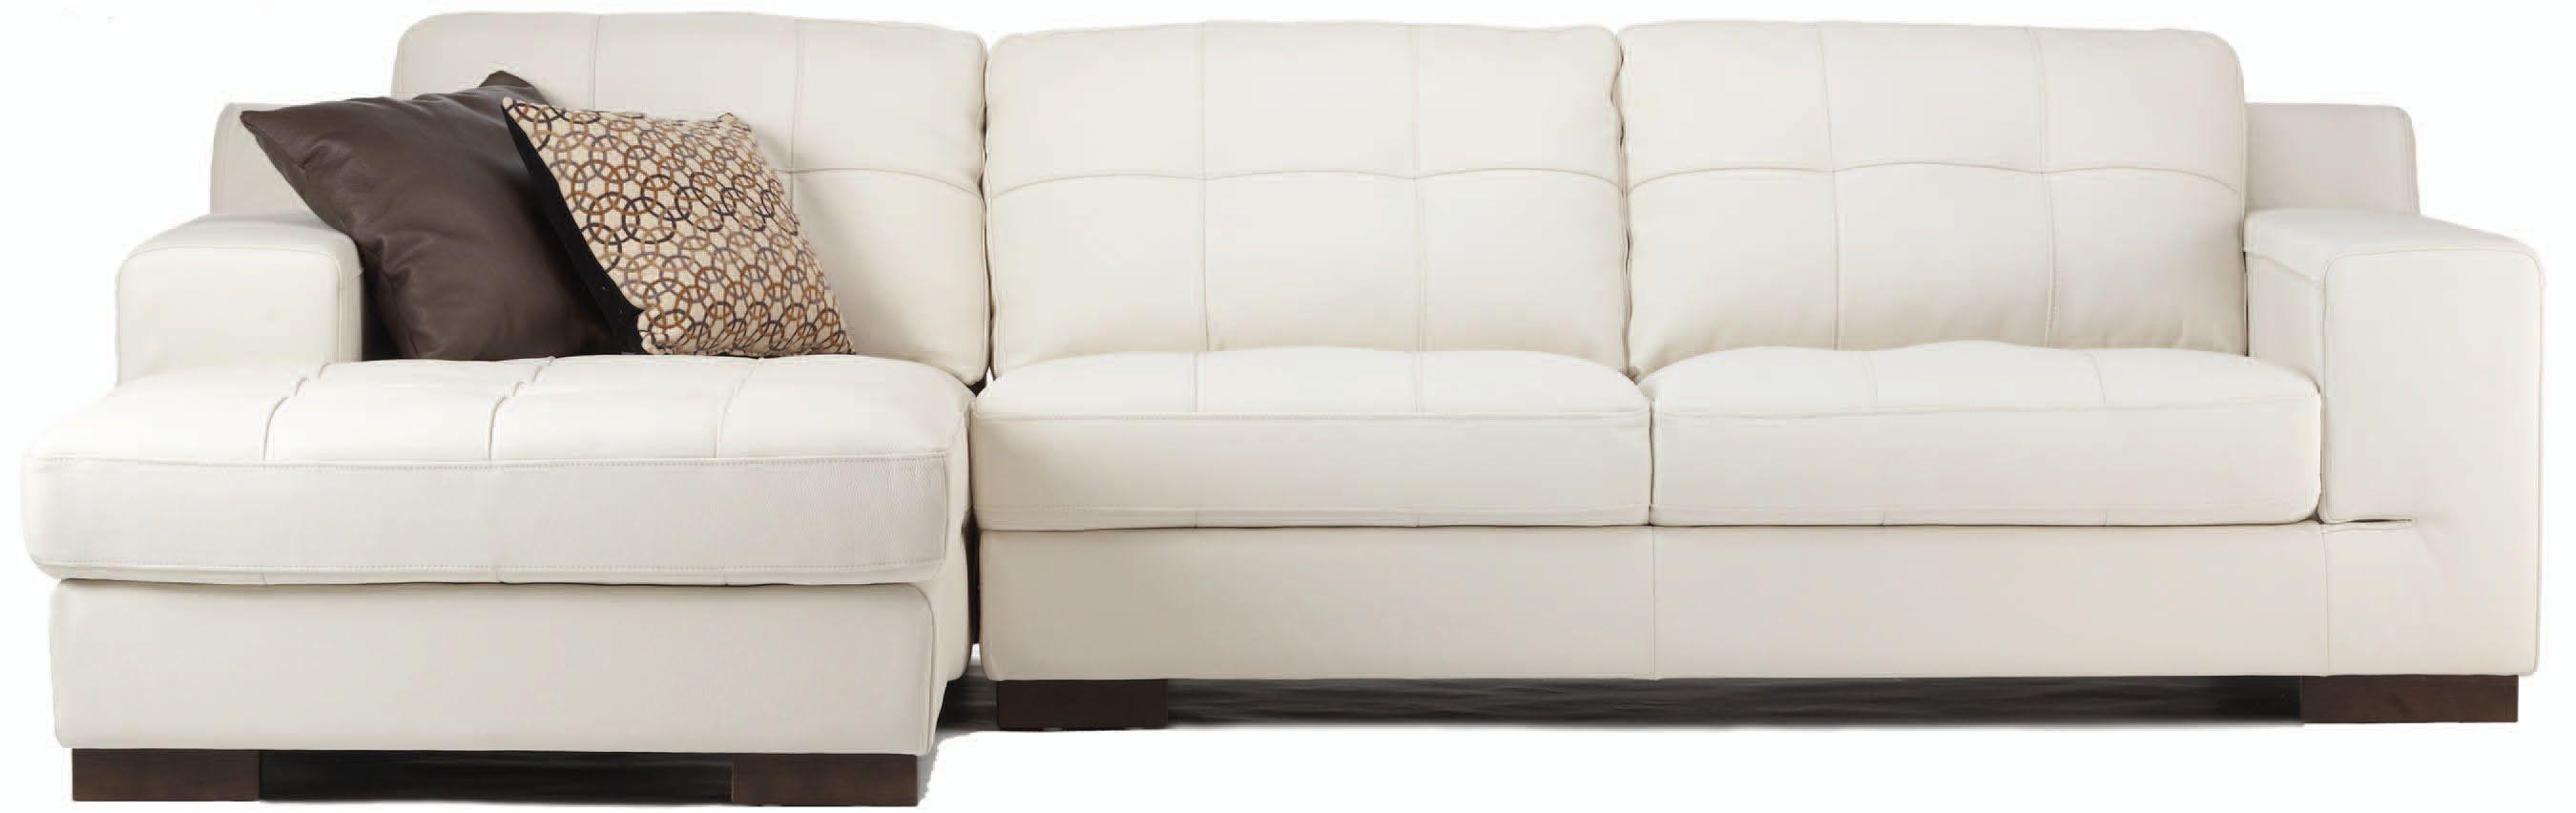 Montez White Leather Sectional Kasala Black White